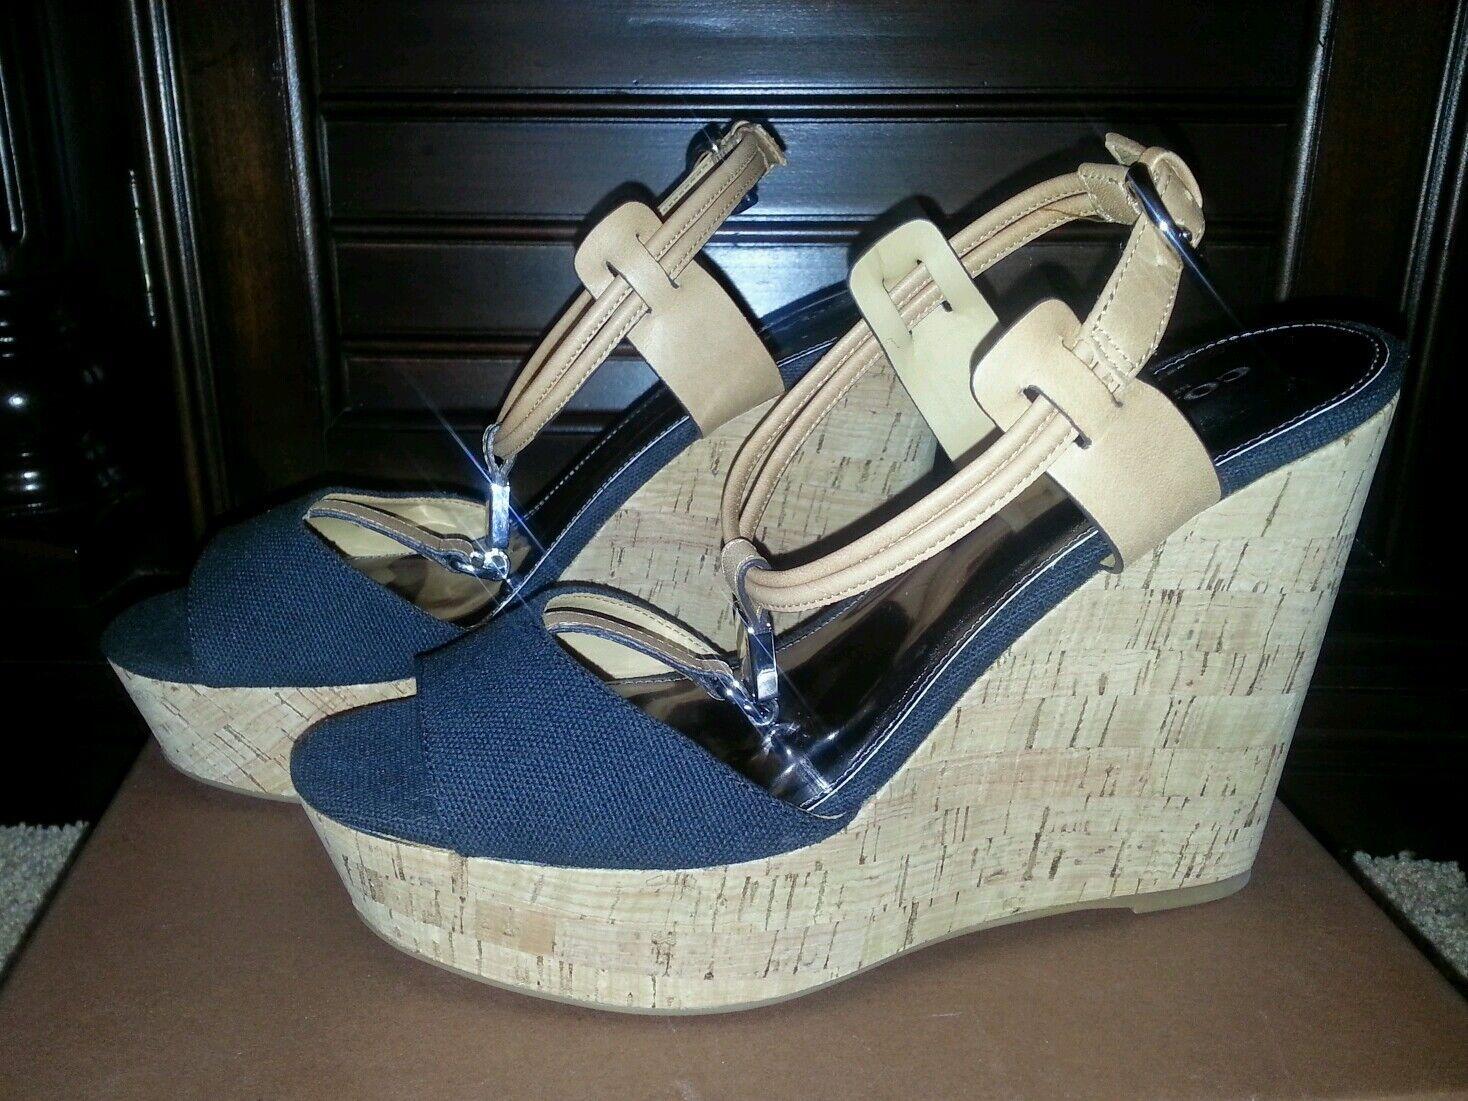 Plumín ENTRENADOR Zapatos Linden Lona Cuñas Cuñas Cuñas Sandalia Plataforma Con Cuero Negro Ginger 9.5  Hay más marcas de productos de alta calidad.